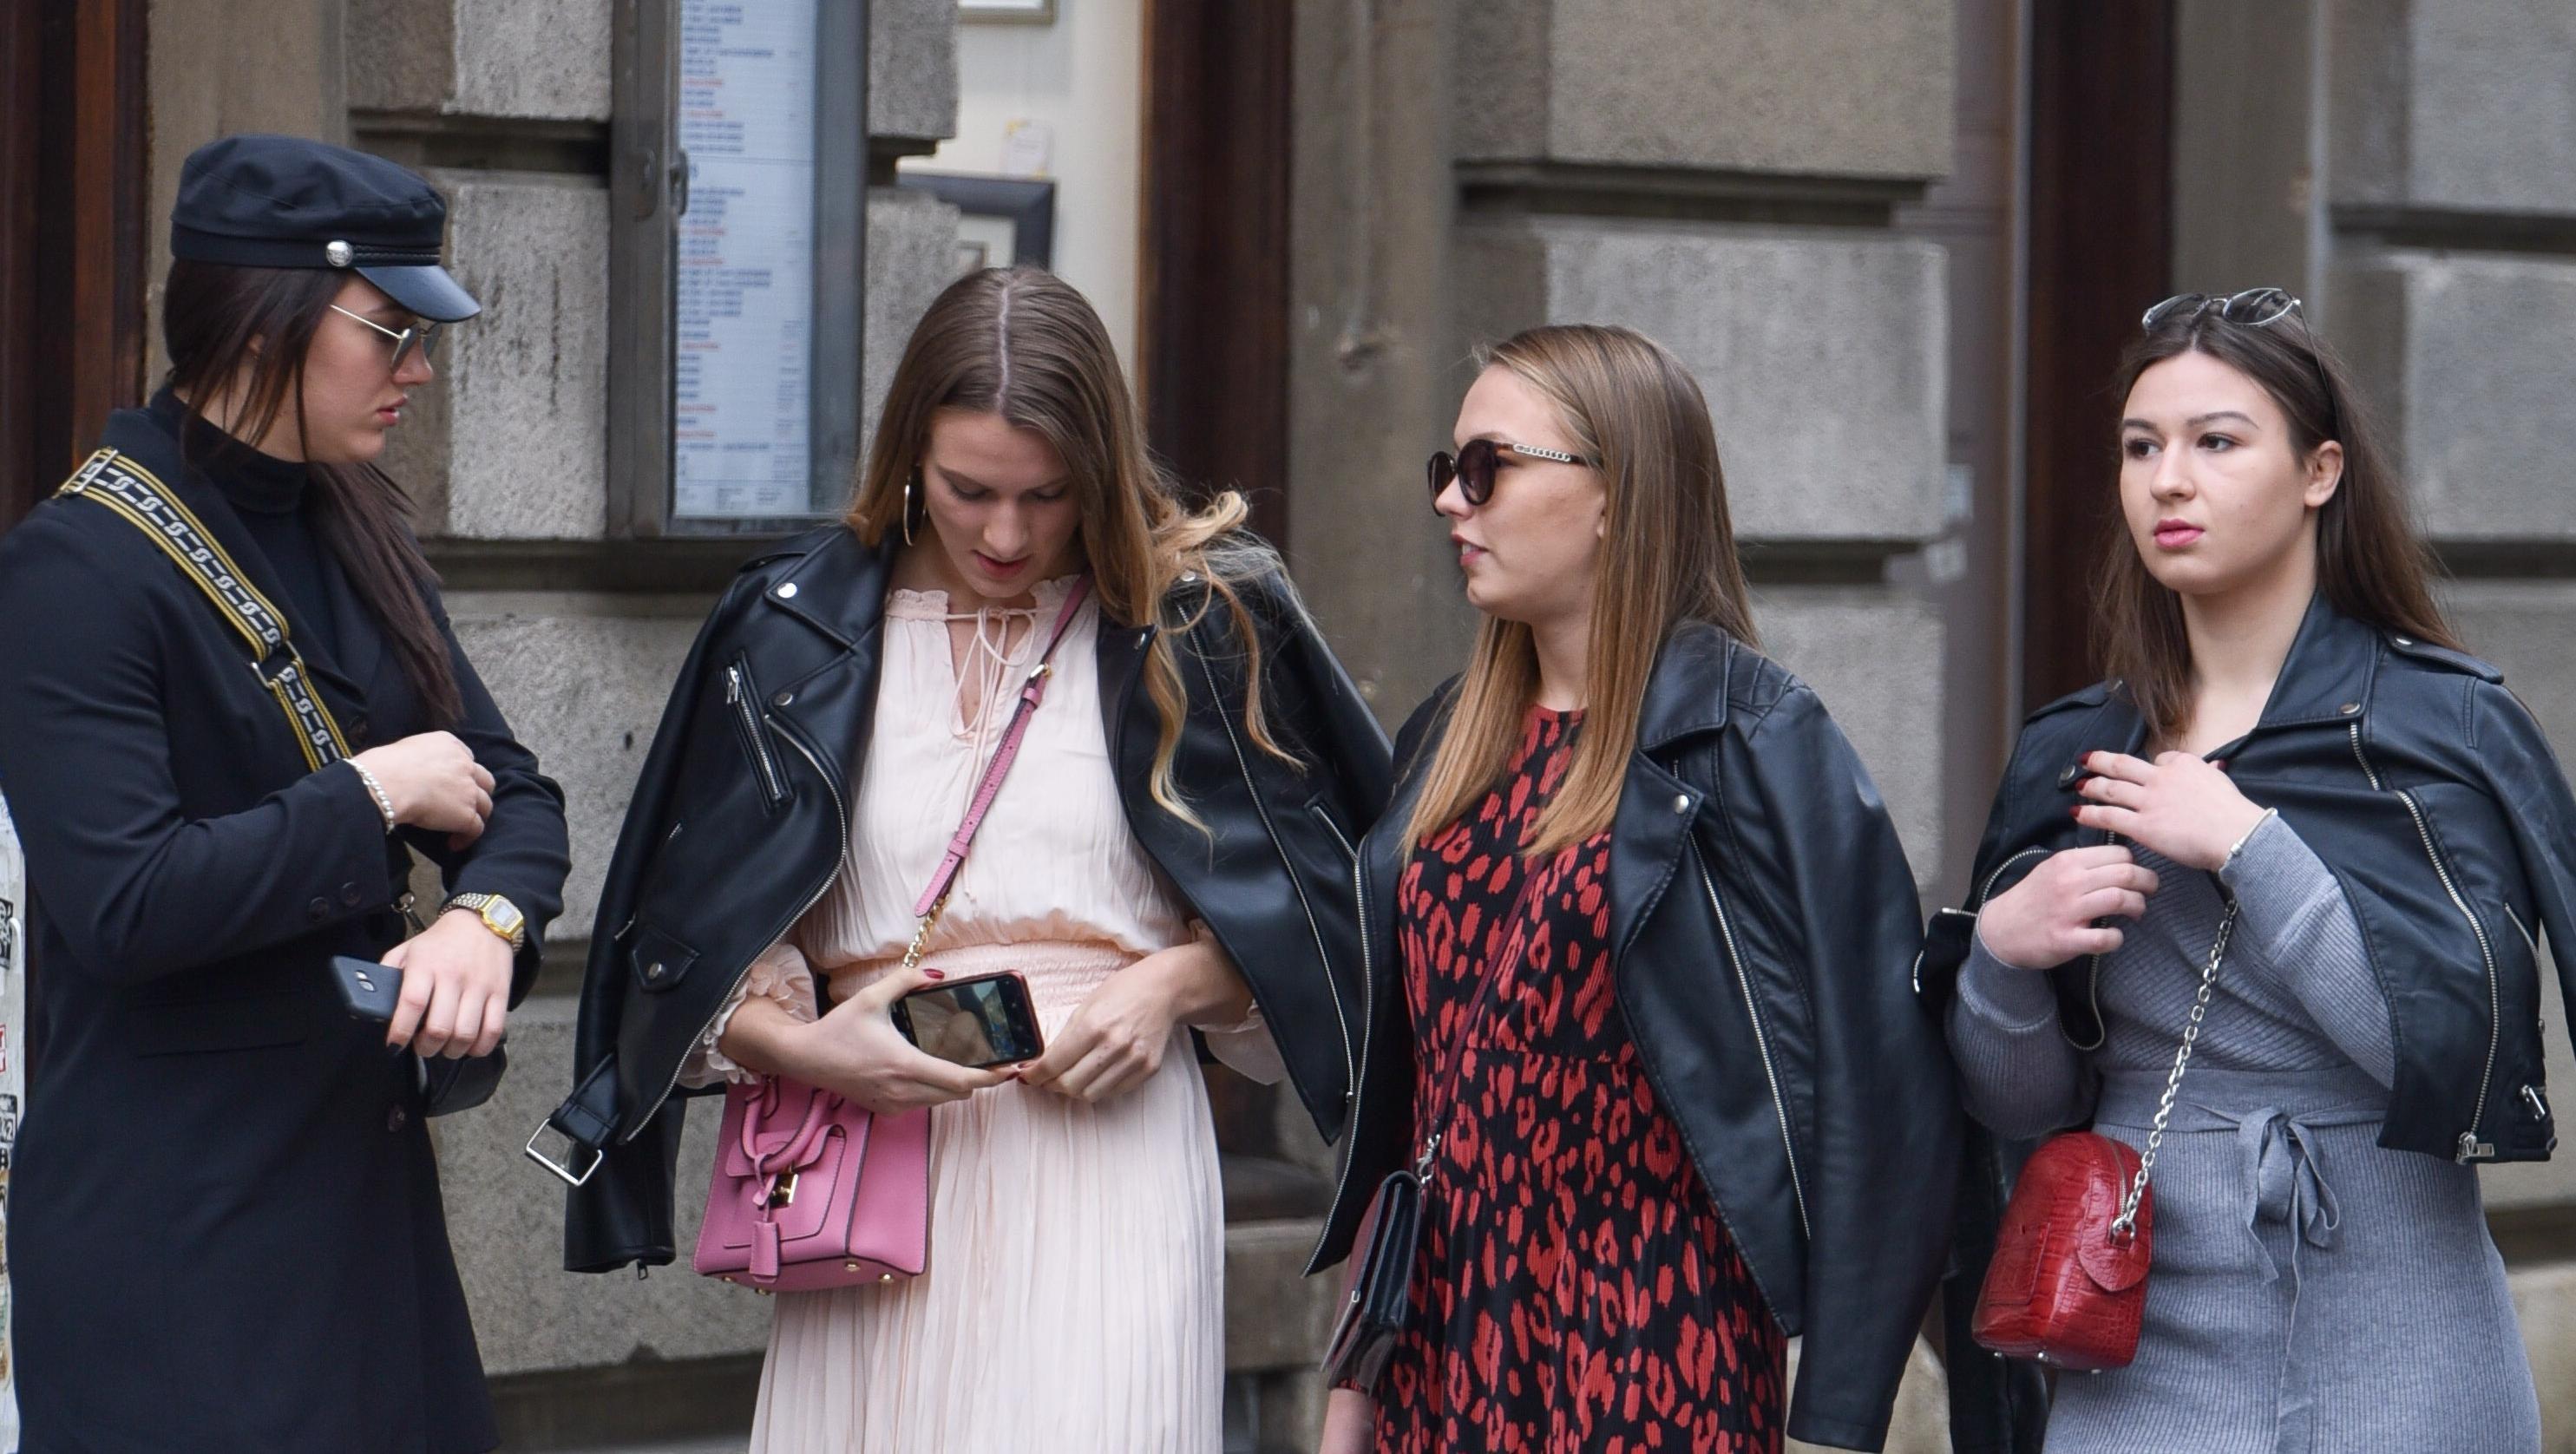 Zagrebački Seks i grad: Četiri stylish prijateljice prošetale su Cvjetnim trgom u super izdanjima